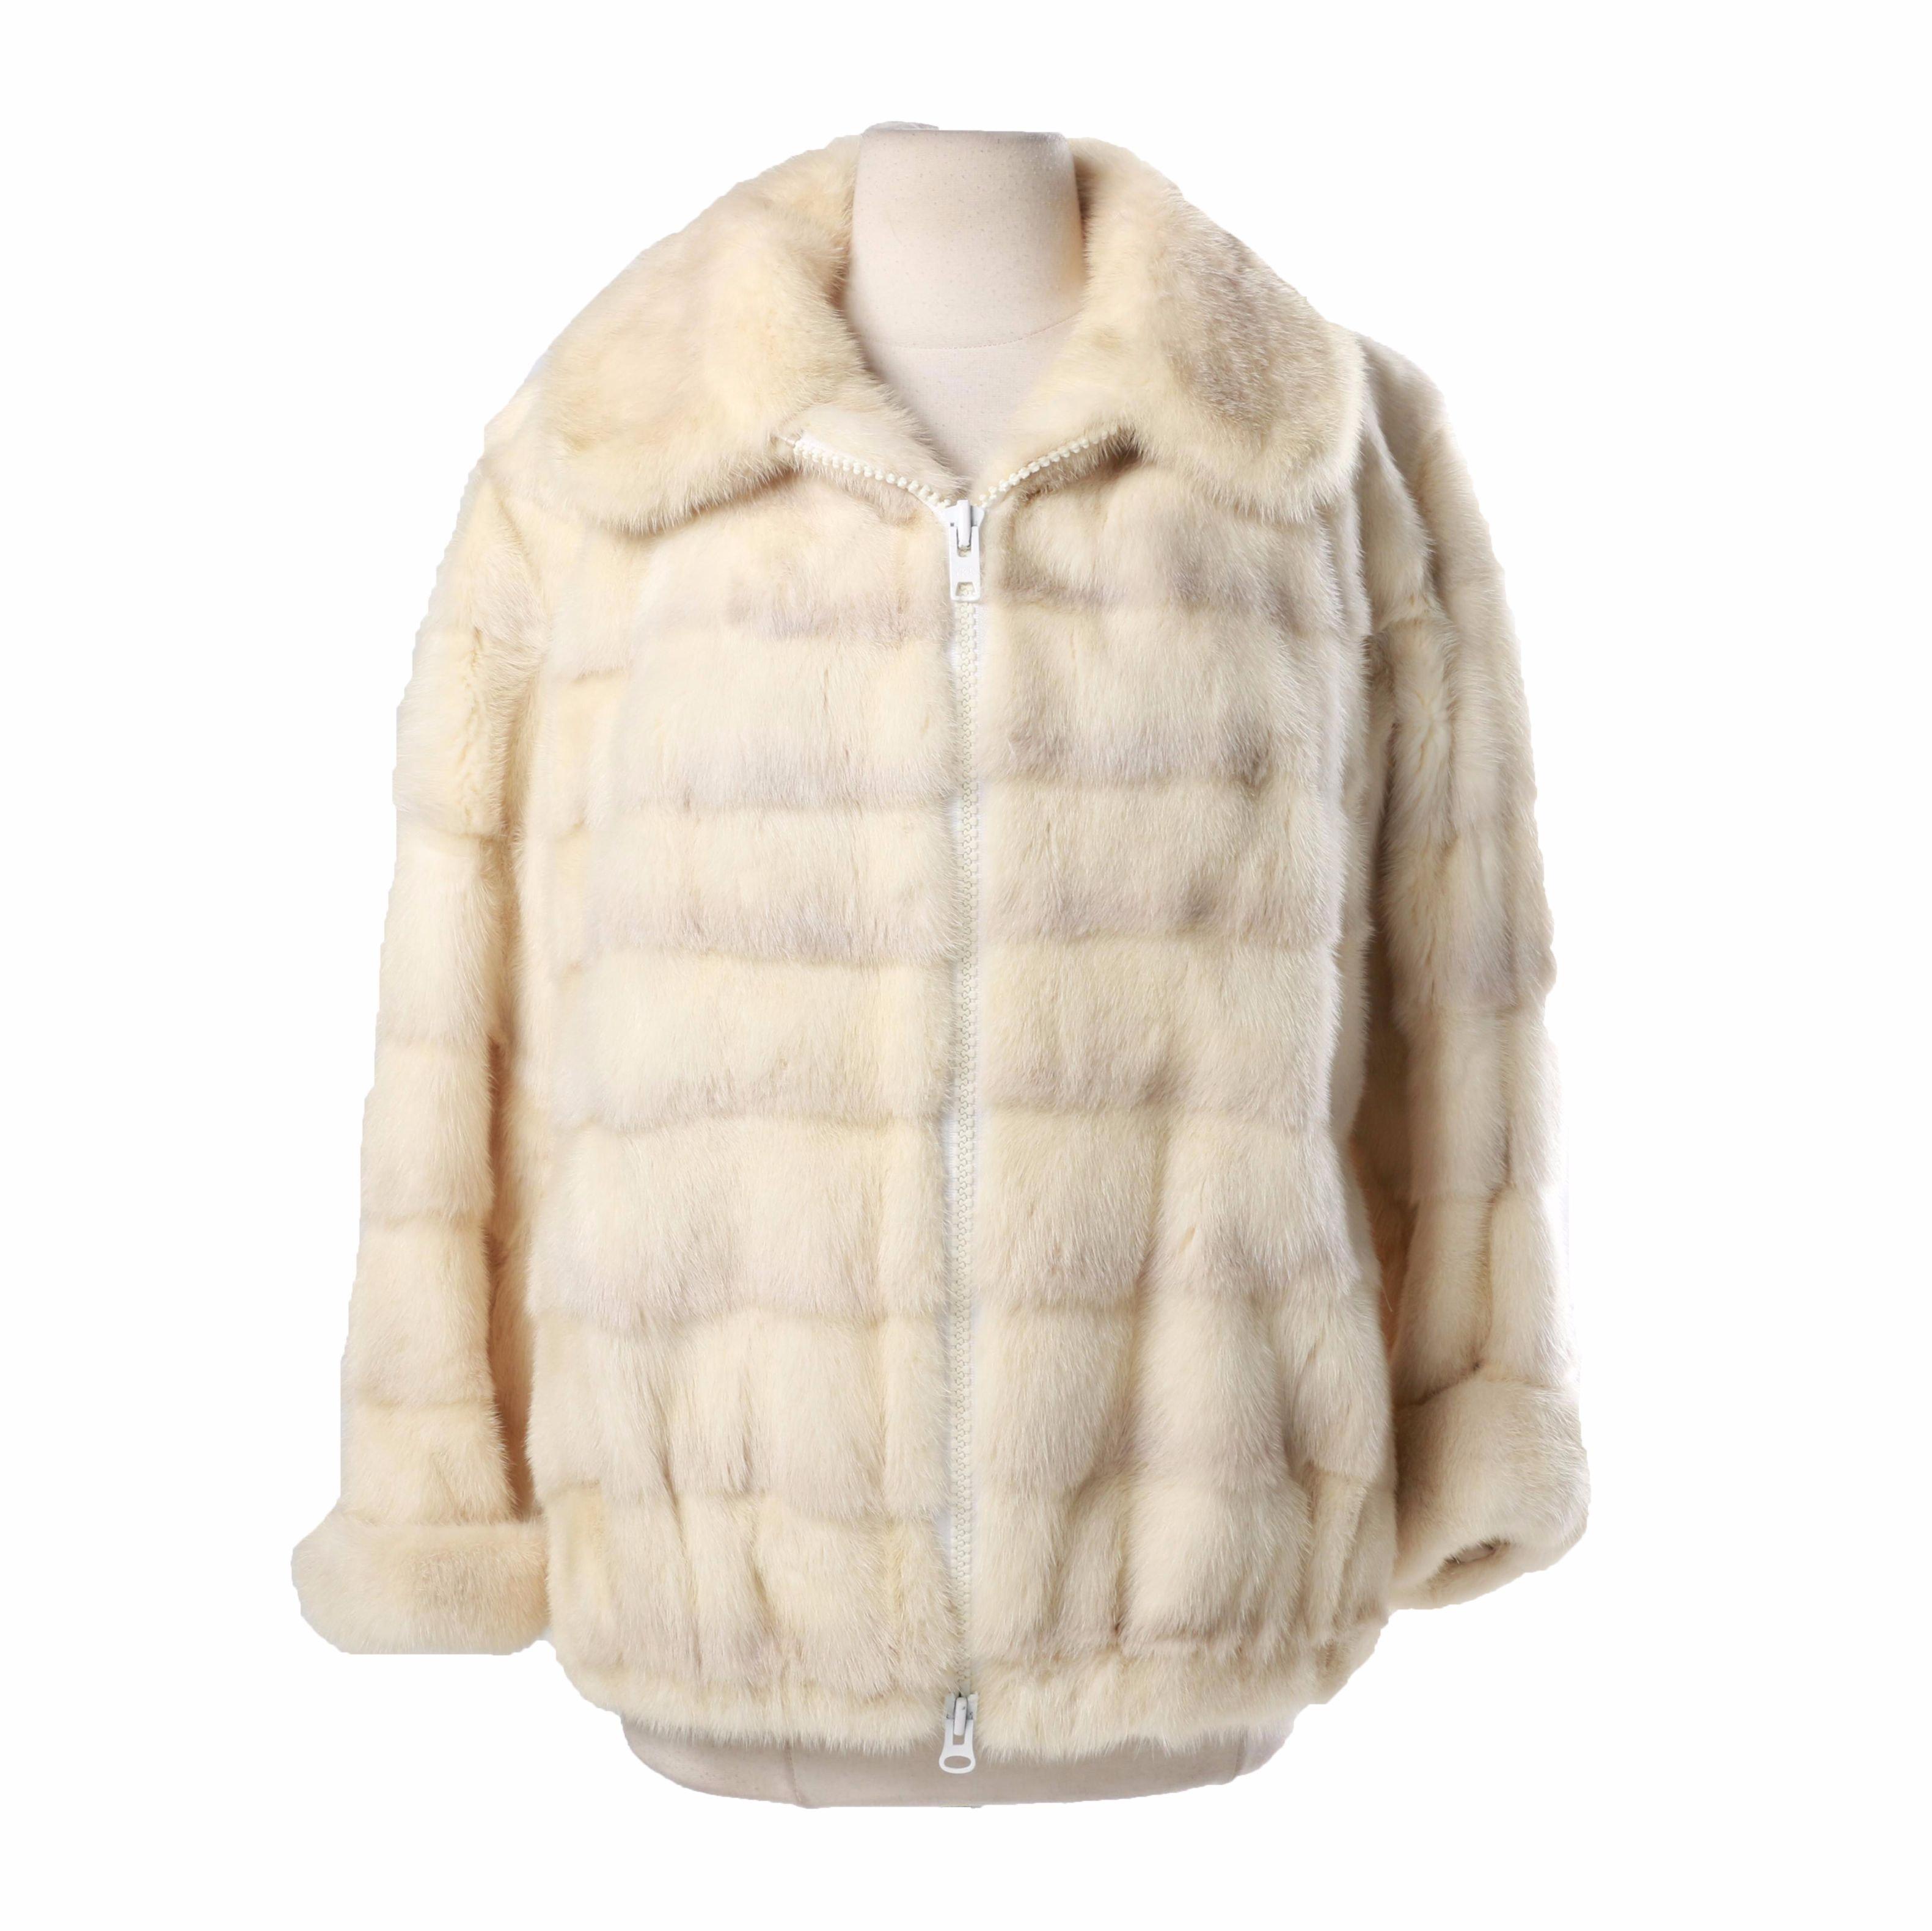 Vintage Mink Fur Jacket by Edward Glasser